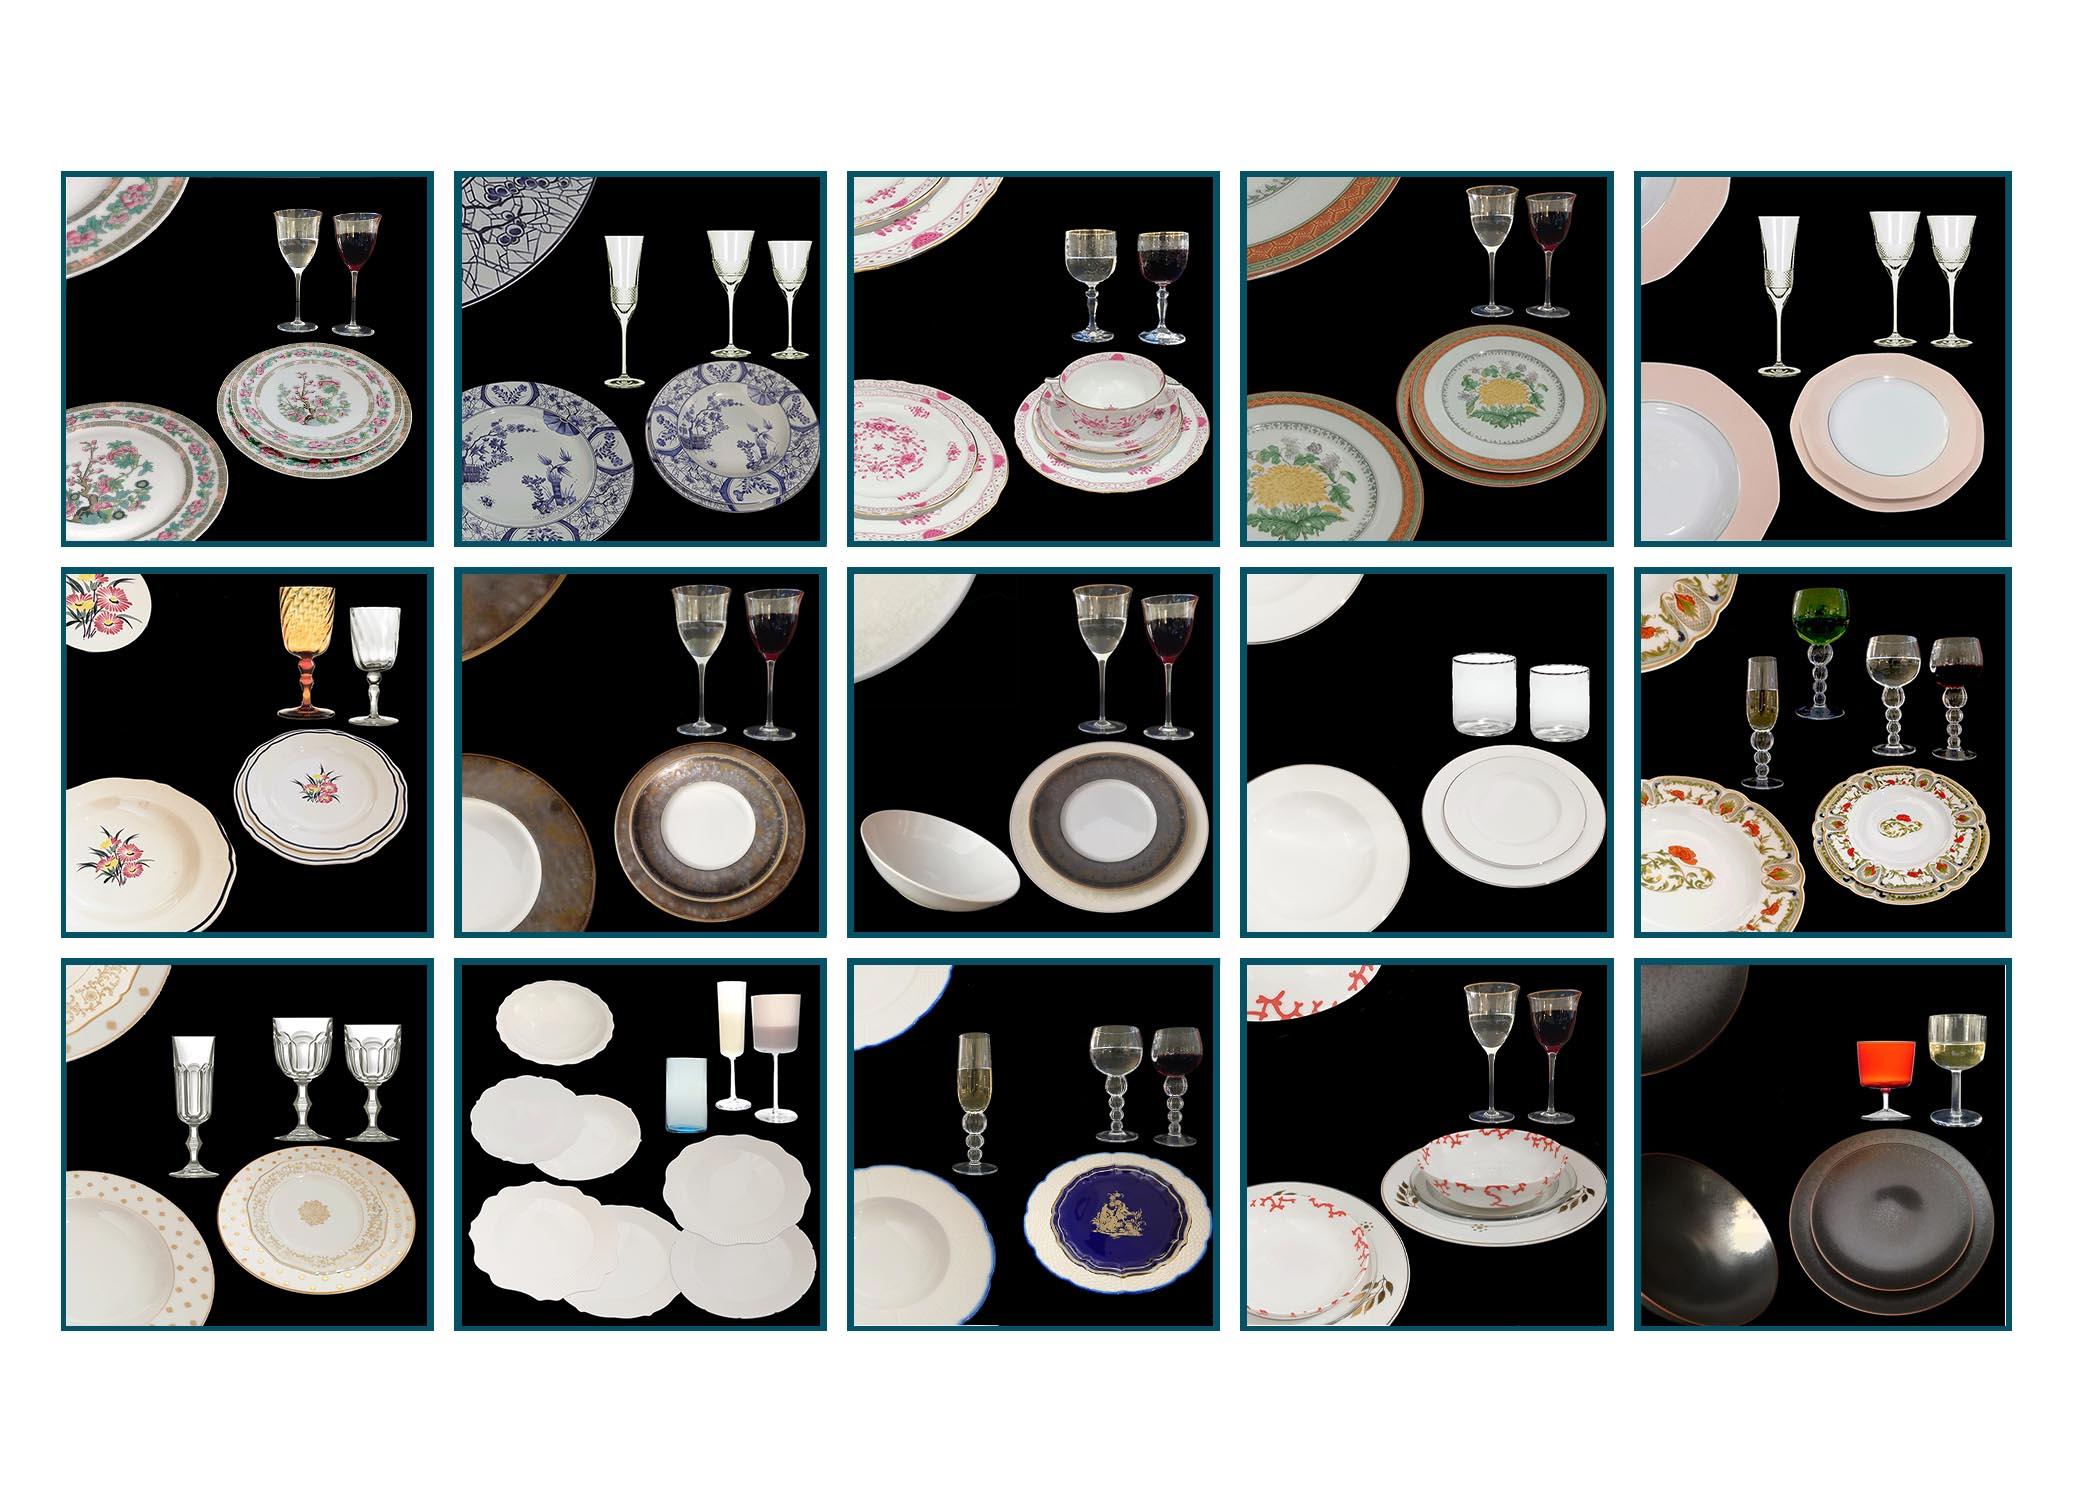 alt=noleggio piatti-noleggio bicchieri-art de la table-unicorno roma-francesca ragazzoni